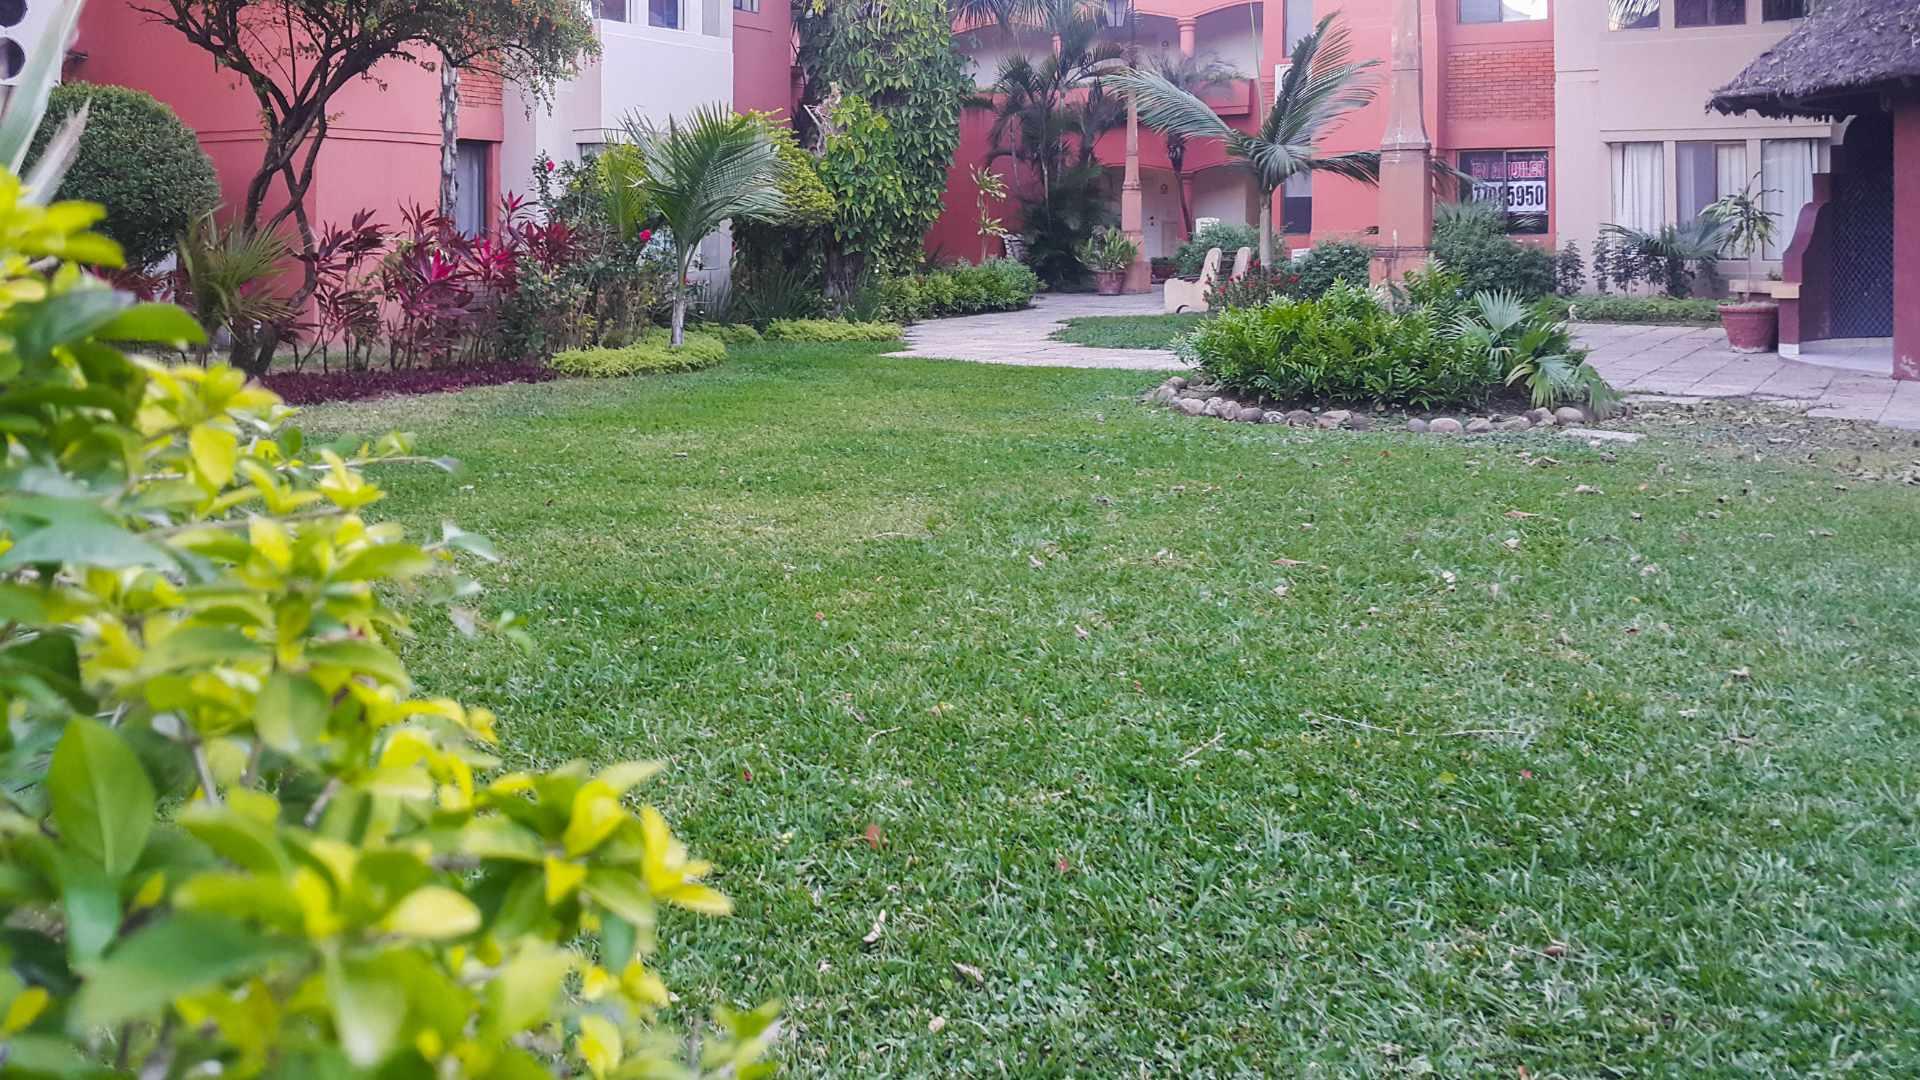 Departamento en Alquiler Hotel Buganvillas alquilo departamento amoblado Foto 2